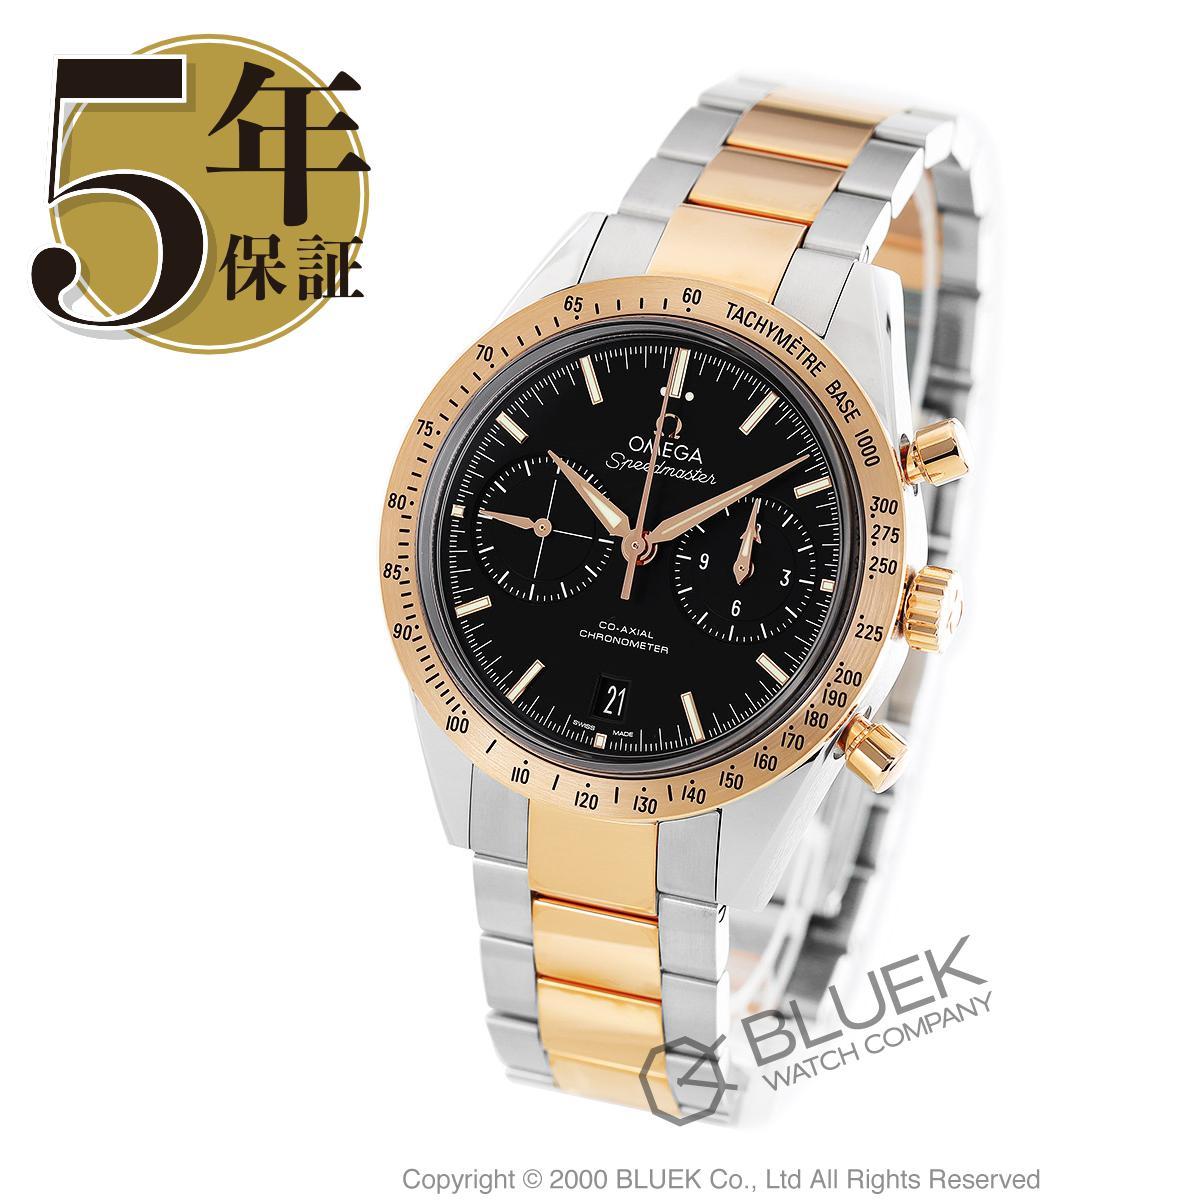 オメガ スピードマスター 57 クロノグラフ 腕時計 メンズ OMEGA 331.20.42.51.01.002_5